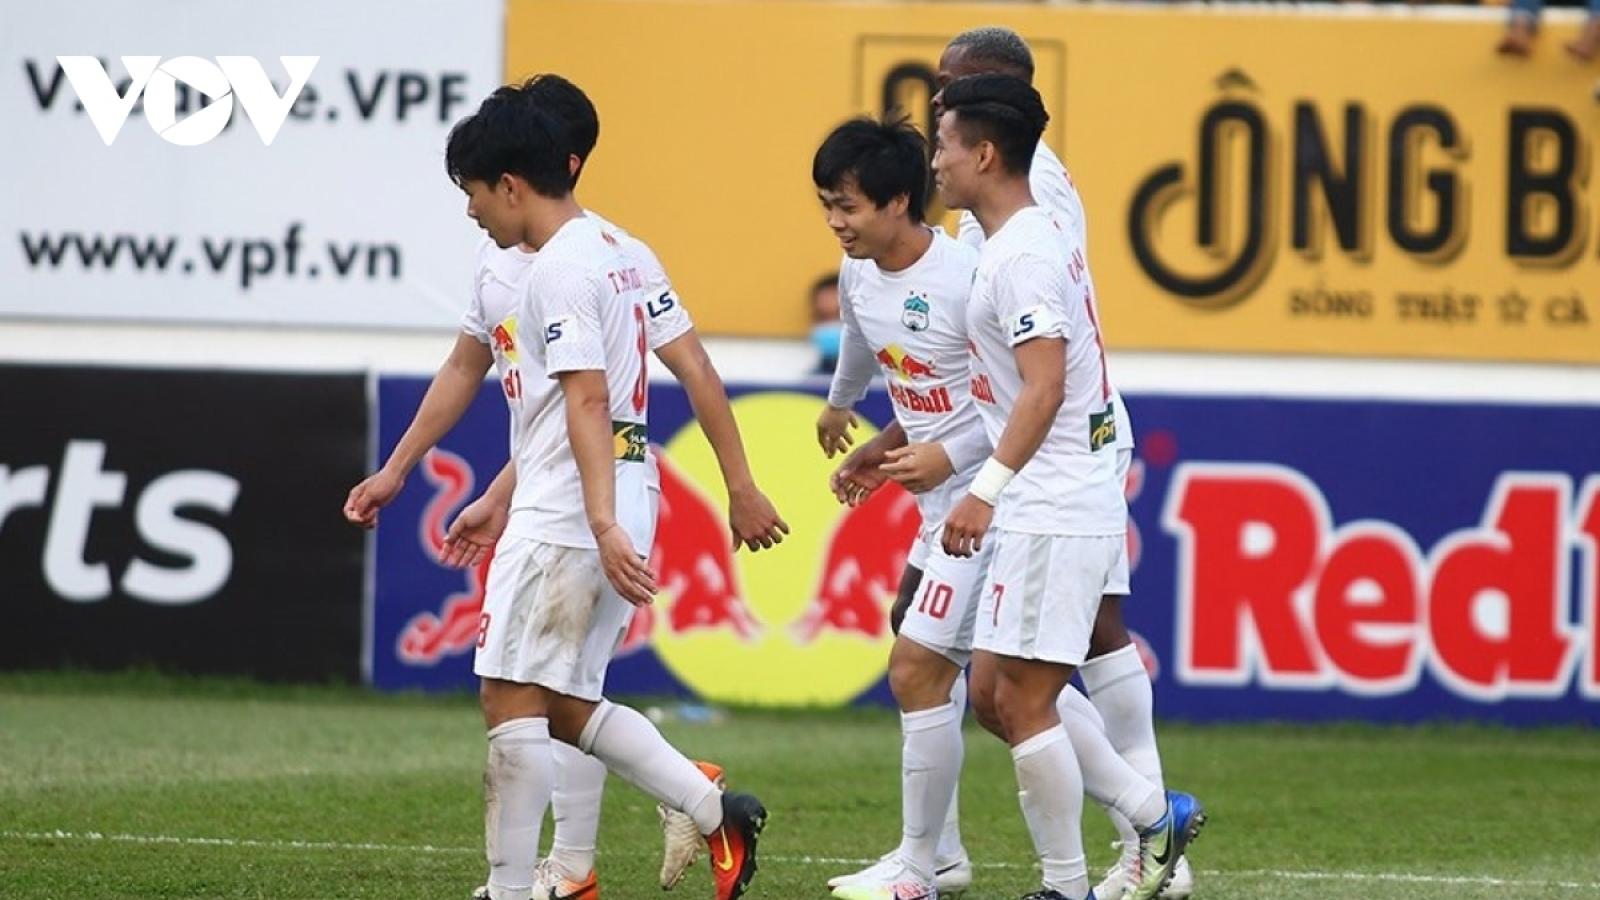 TRỰC TIẾP HAGL 1-0 Hà Nội FC: Xuân Trường lập siêu phẩm